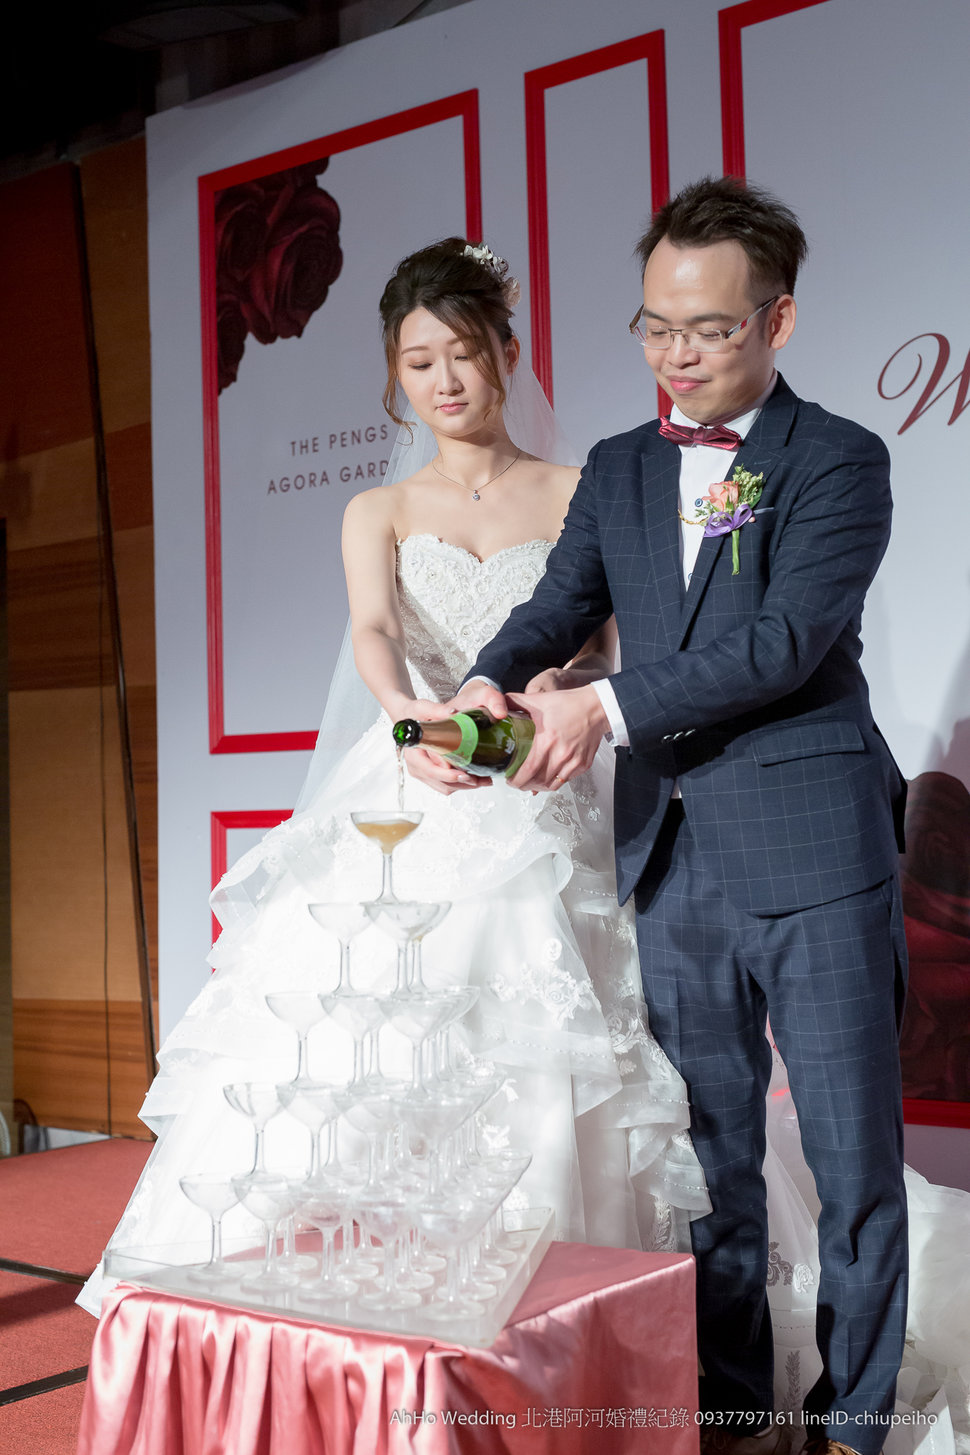 AhHo Wedding   LINE ID  chiupeiho-190 - AhHoWedding/阿河婚攝《結婚吧》